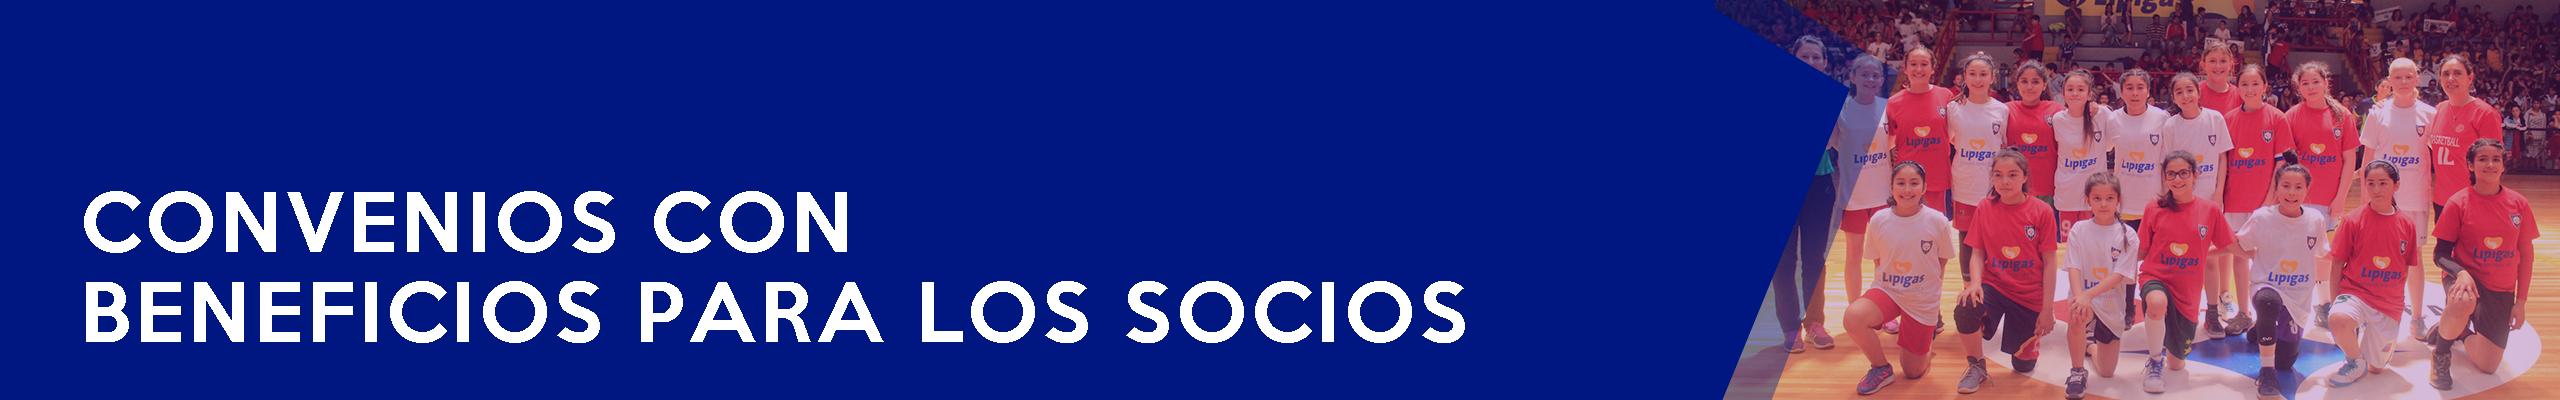 cabecera-convenio-socios-nueva